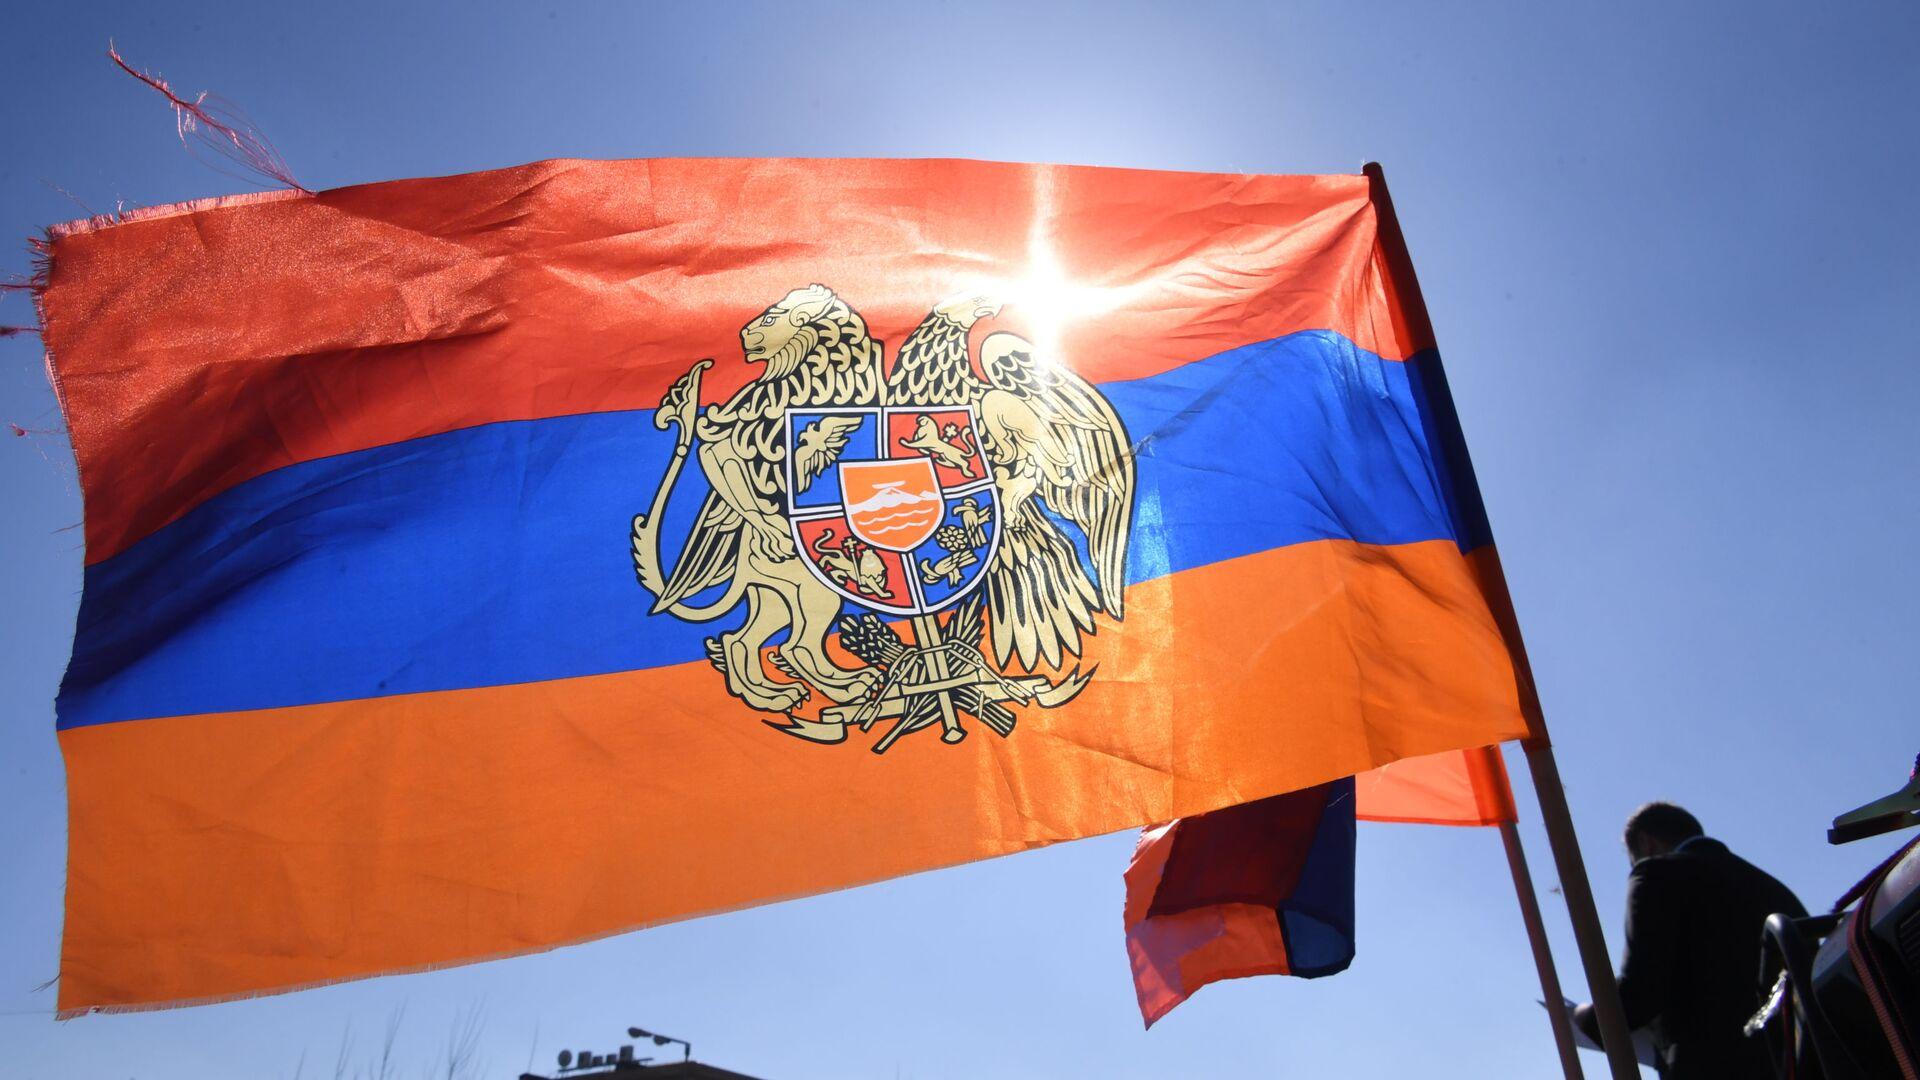 Ermenistan - Sputnik Türkiye, 1920, 24.09.2021